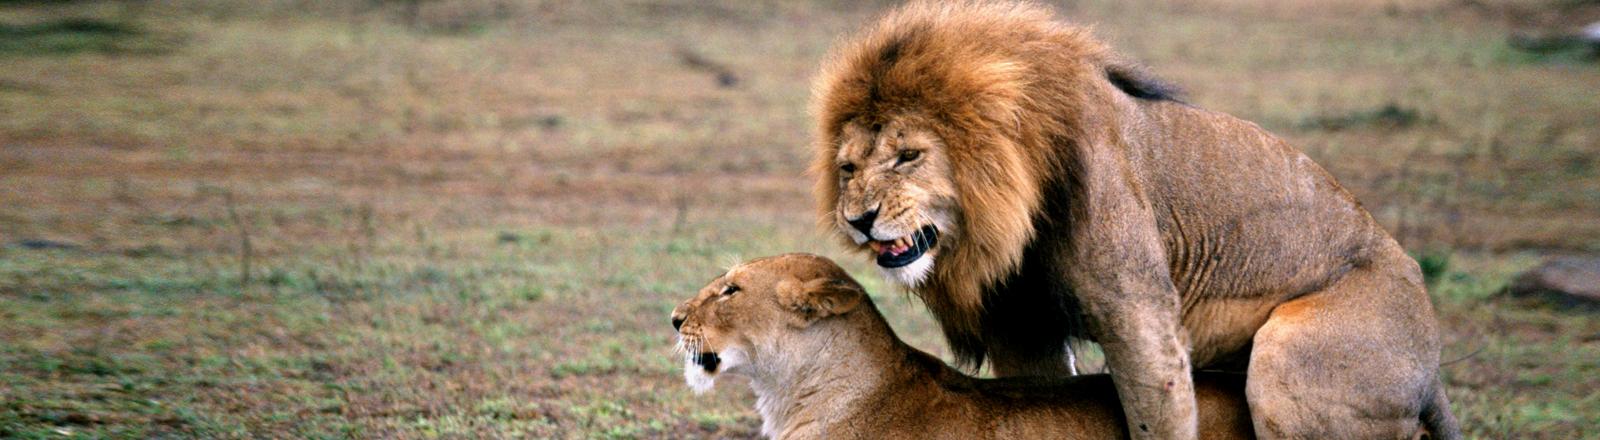 Löwenmännchen und Weibchen bei der Paarung